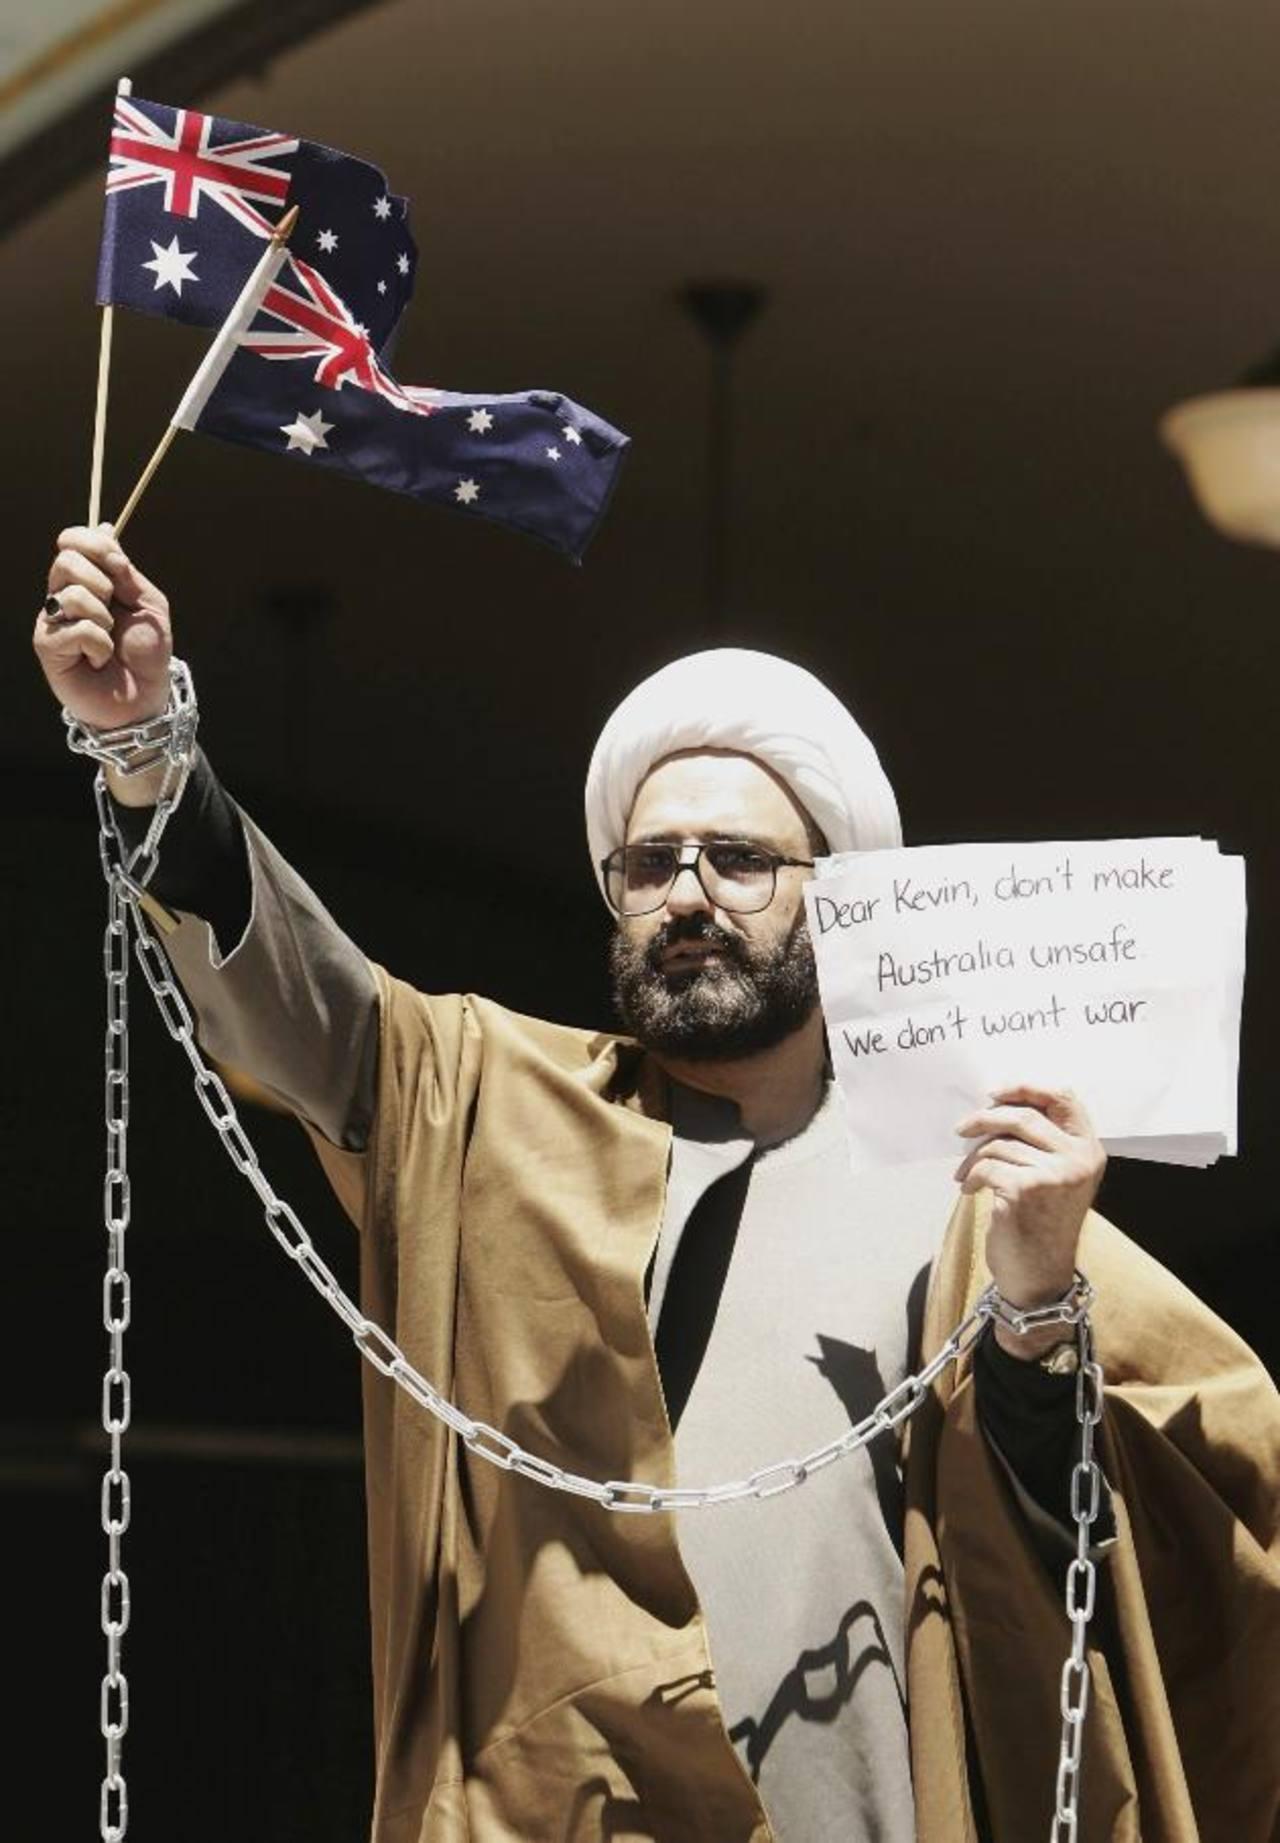 Imagen del 10 de noviembre de 2009, que muestra al secuestrador de Sídney, el iraní Man Haron Monis. foto edh / efe